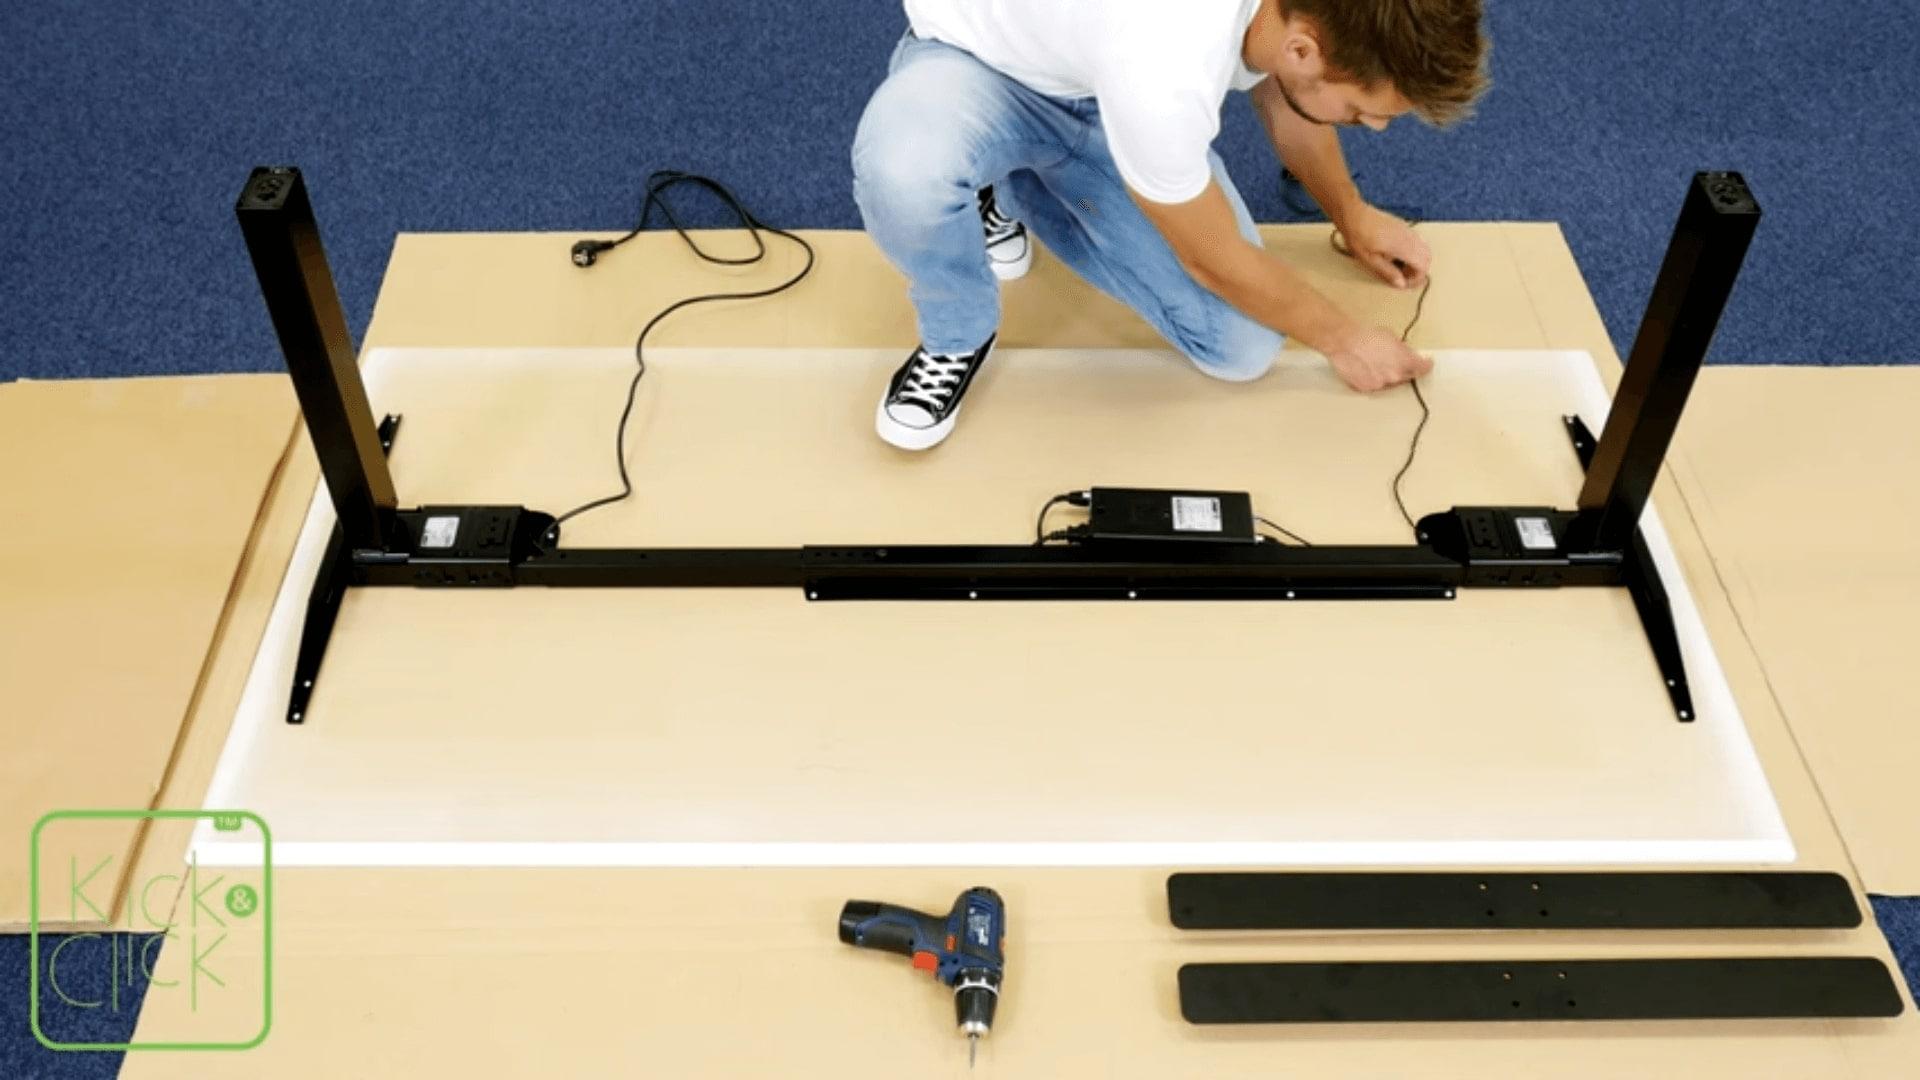 LINAK Kick & Click - så let er det at montere et kontorbord